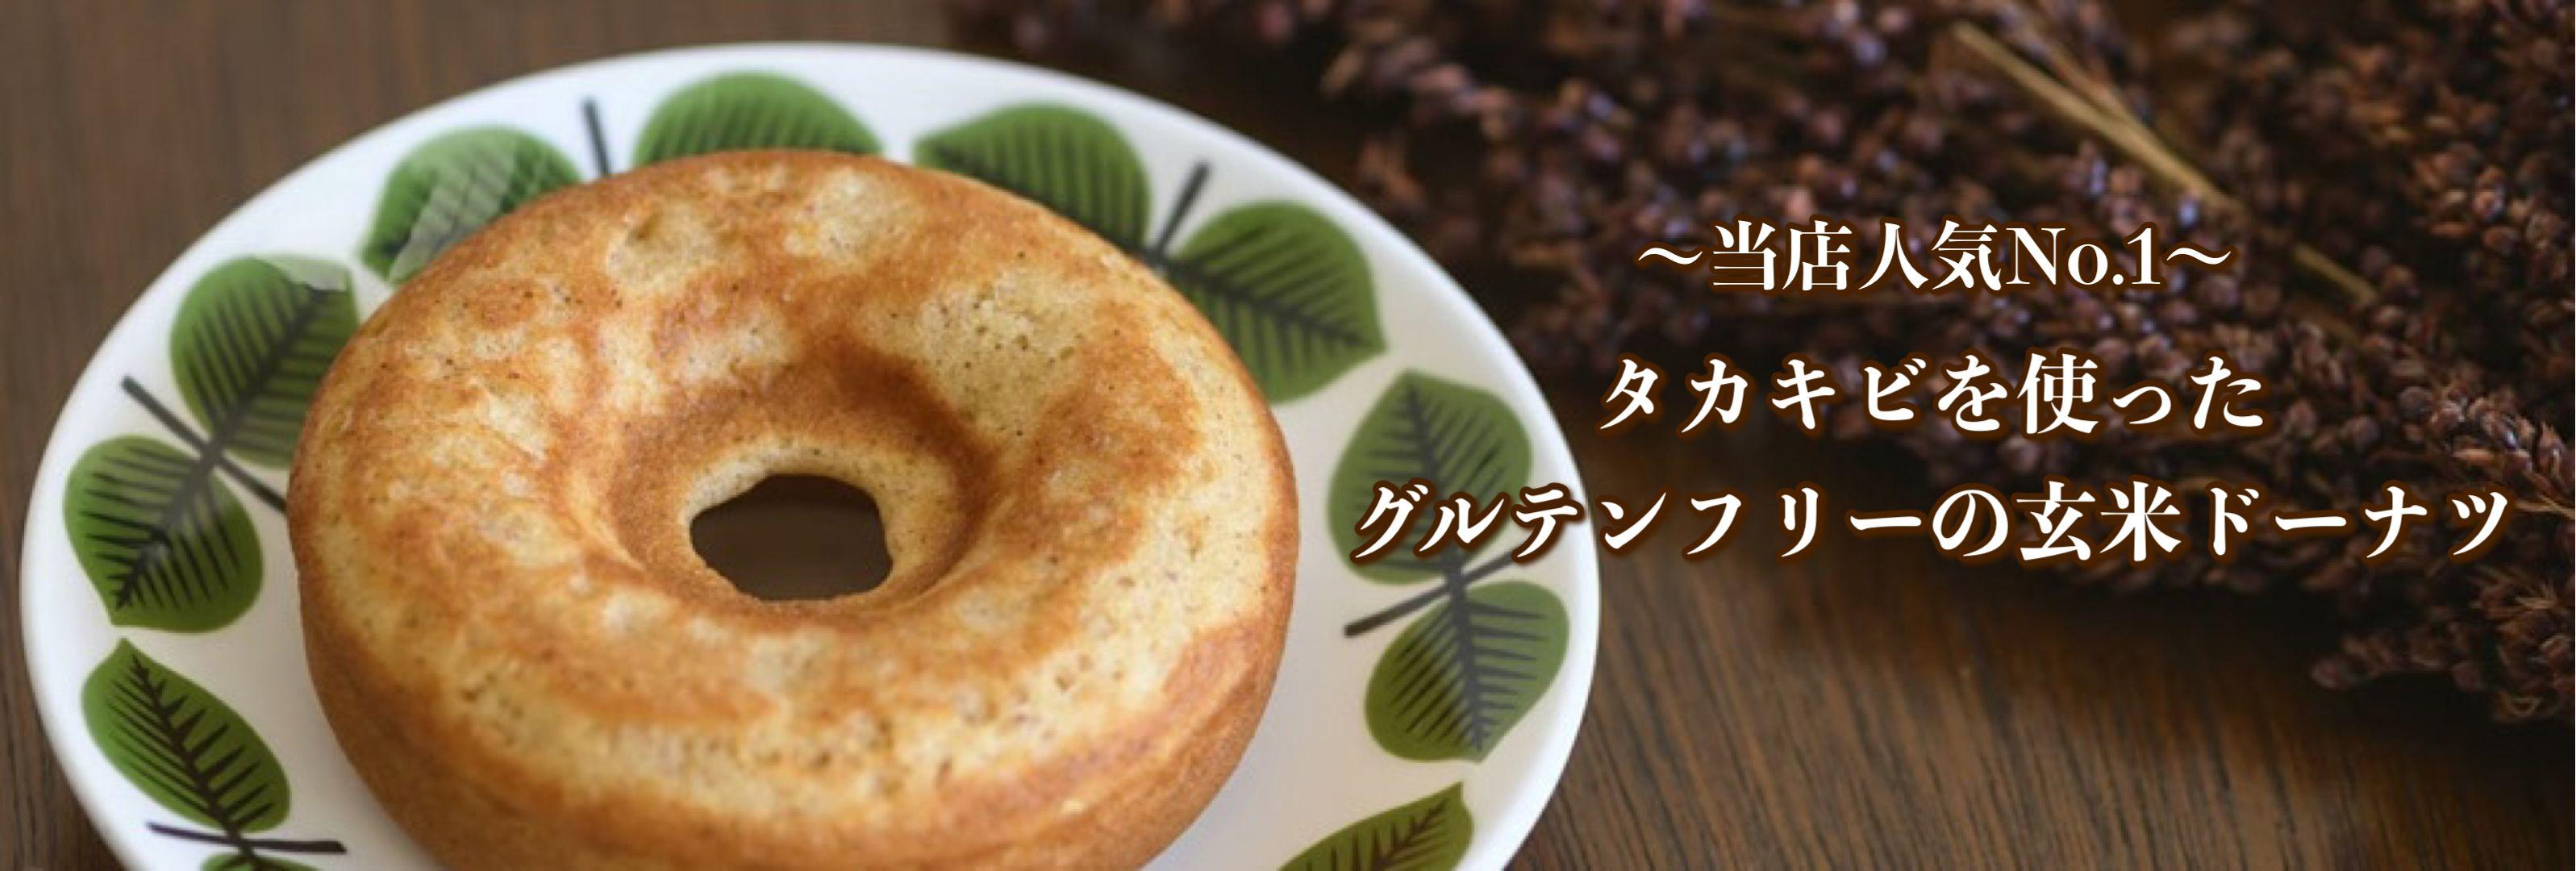 沖縄県宜野湾の小さなドーナツショップHYGGE/ヒュッゲ